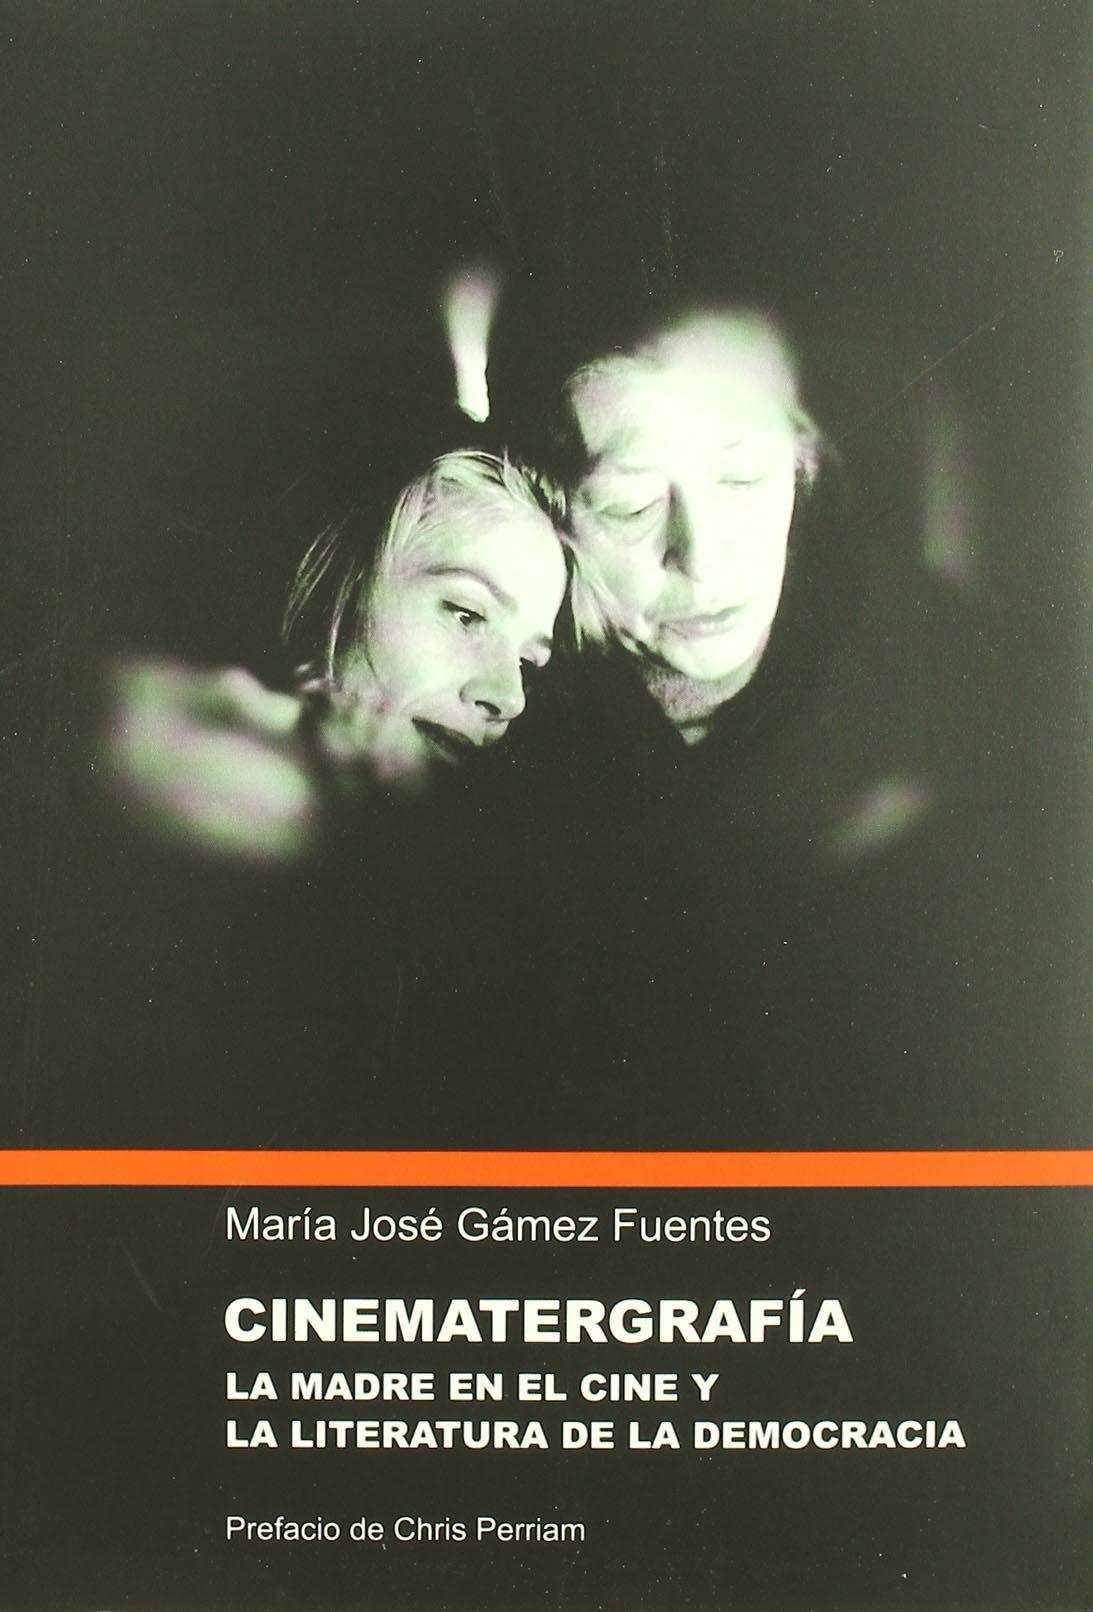 Cinematergrafía : la madre en el cine y la literatura de la democracia